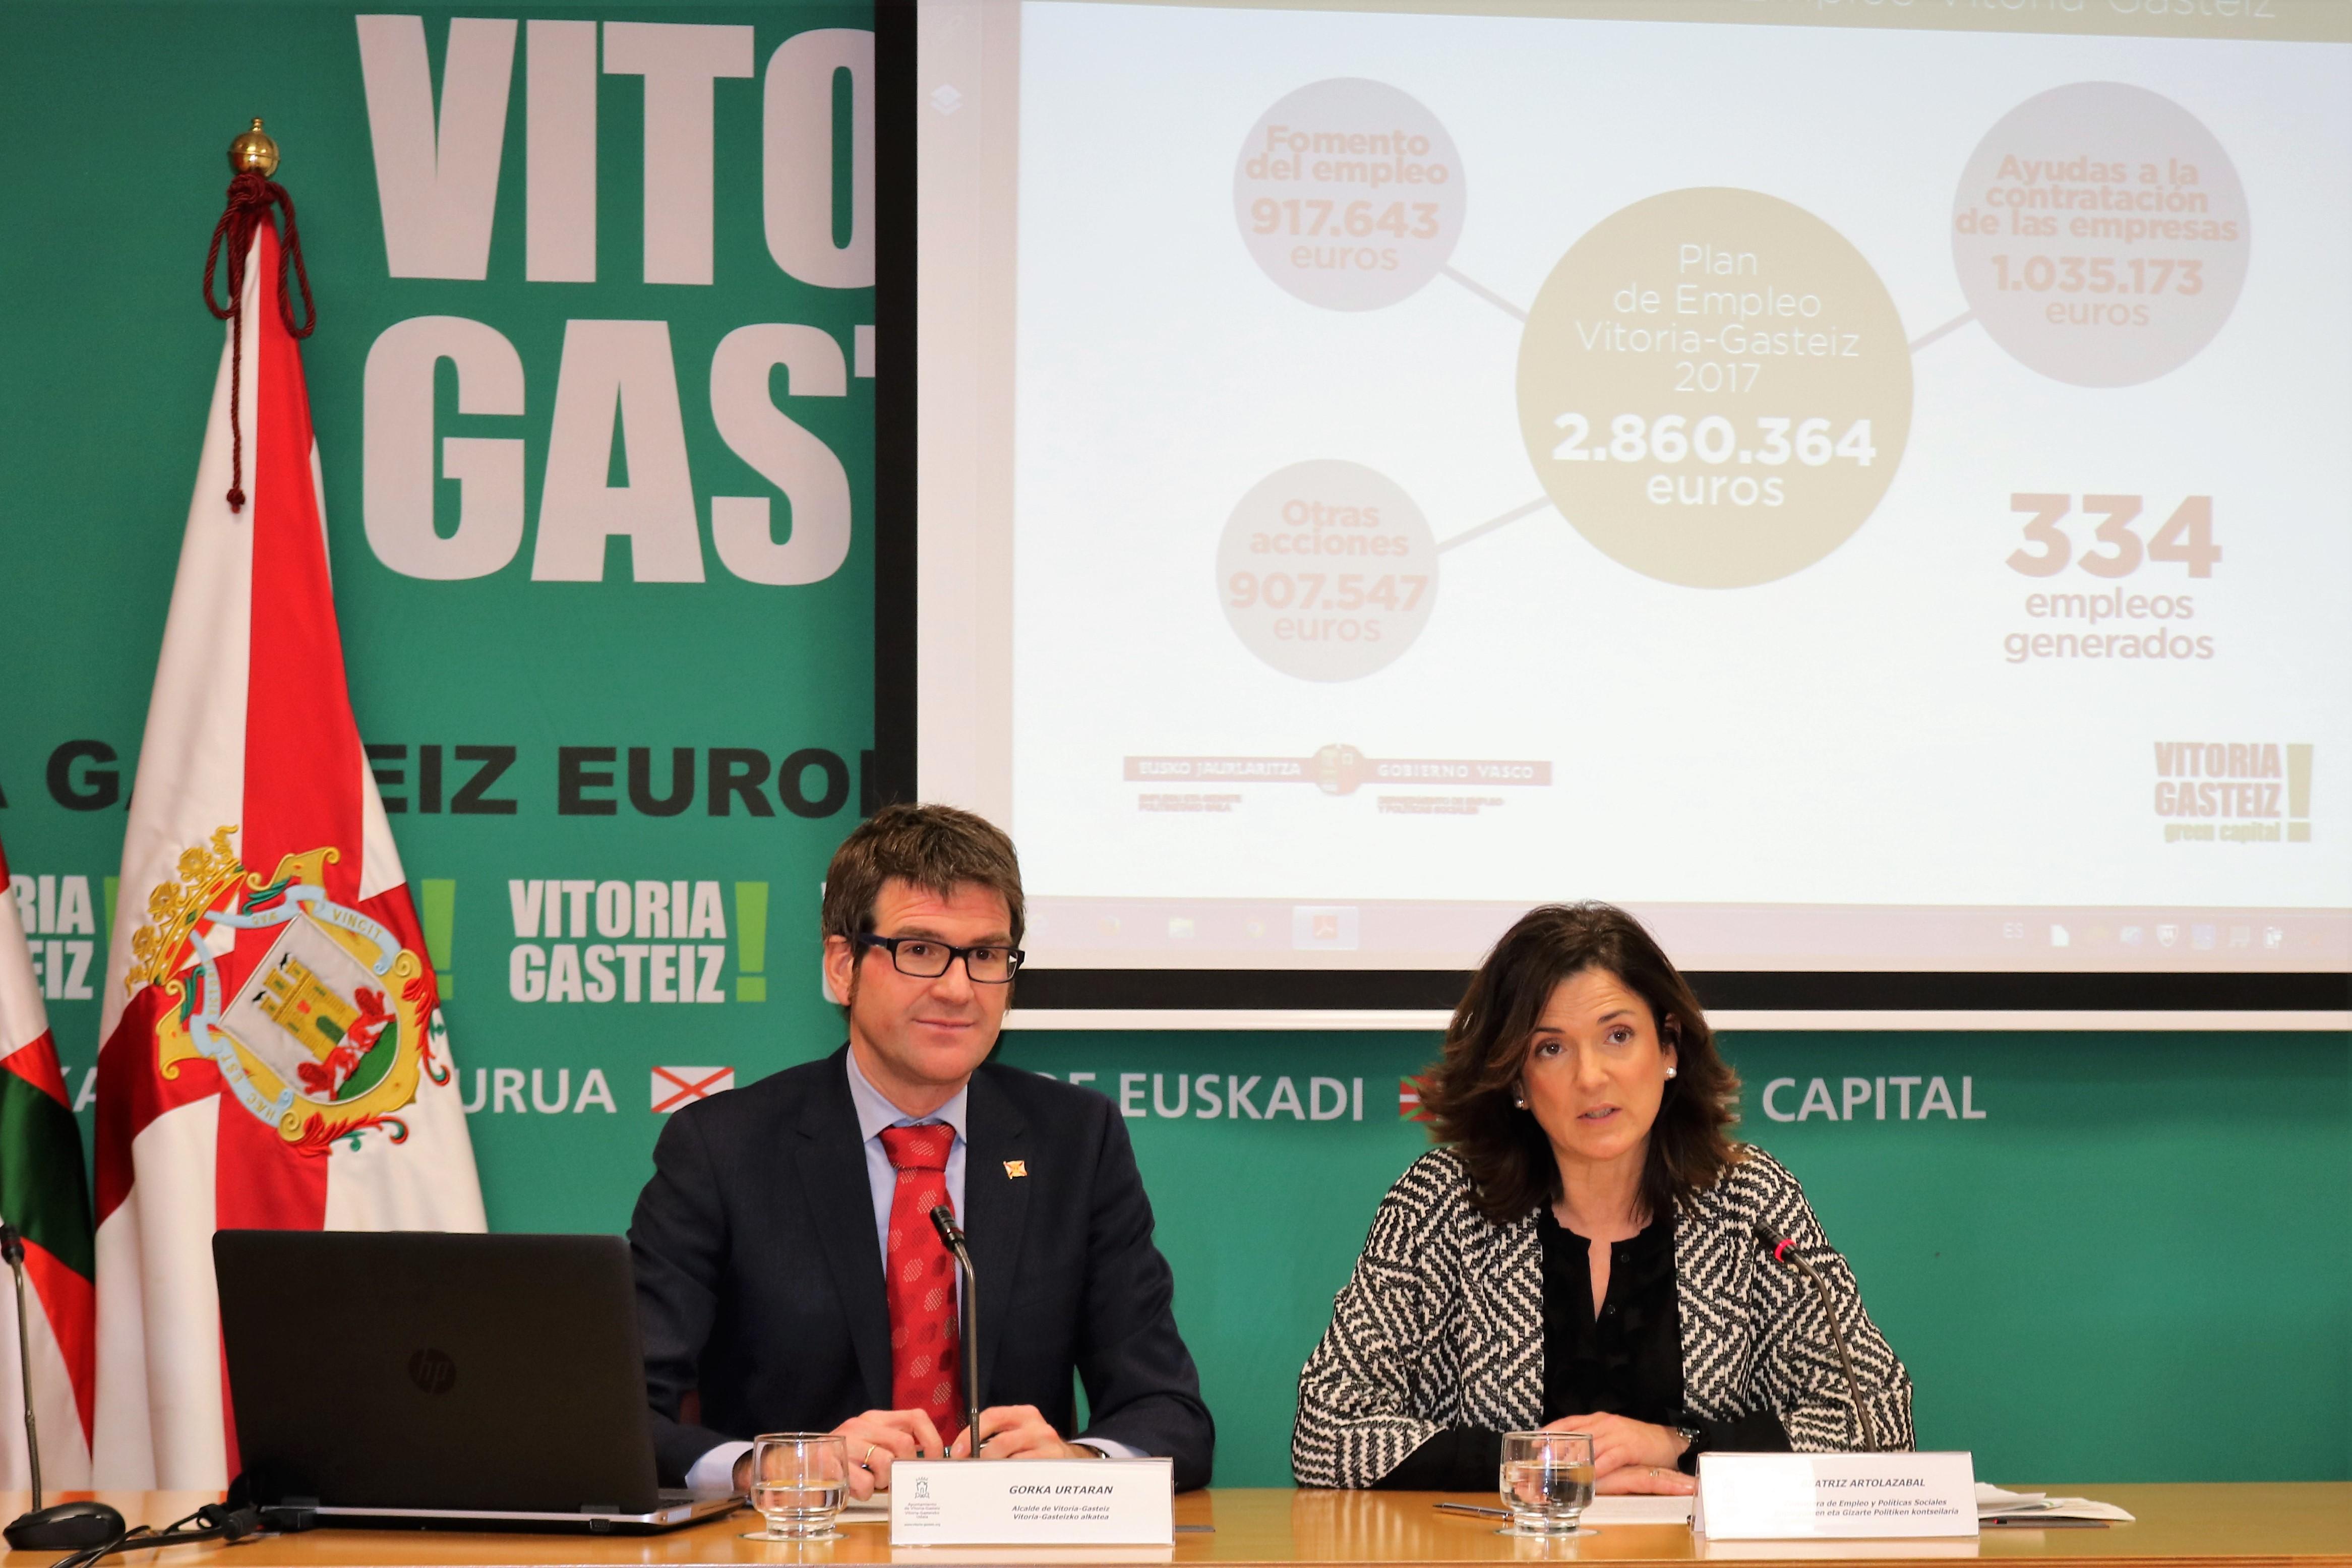 Irekia eusko jaurlaritza gobierno vasco el plan de for Trabajo en vitoria gasteiz